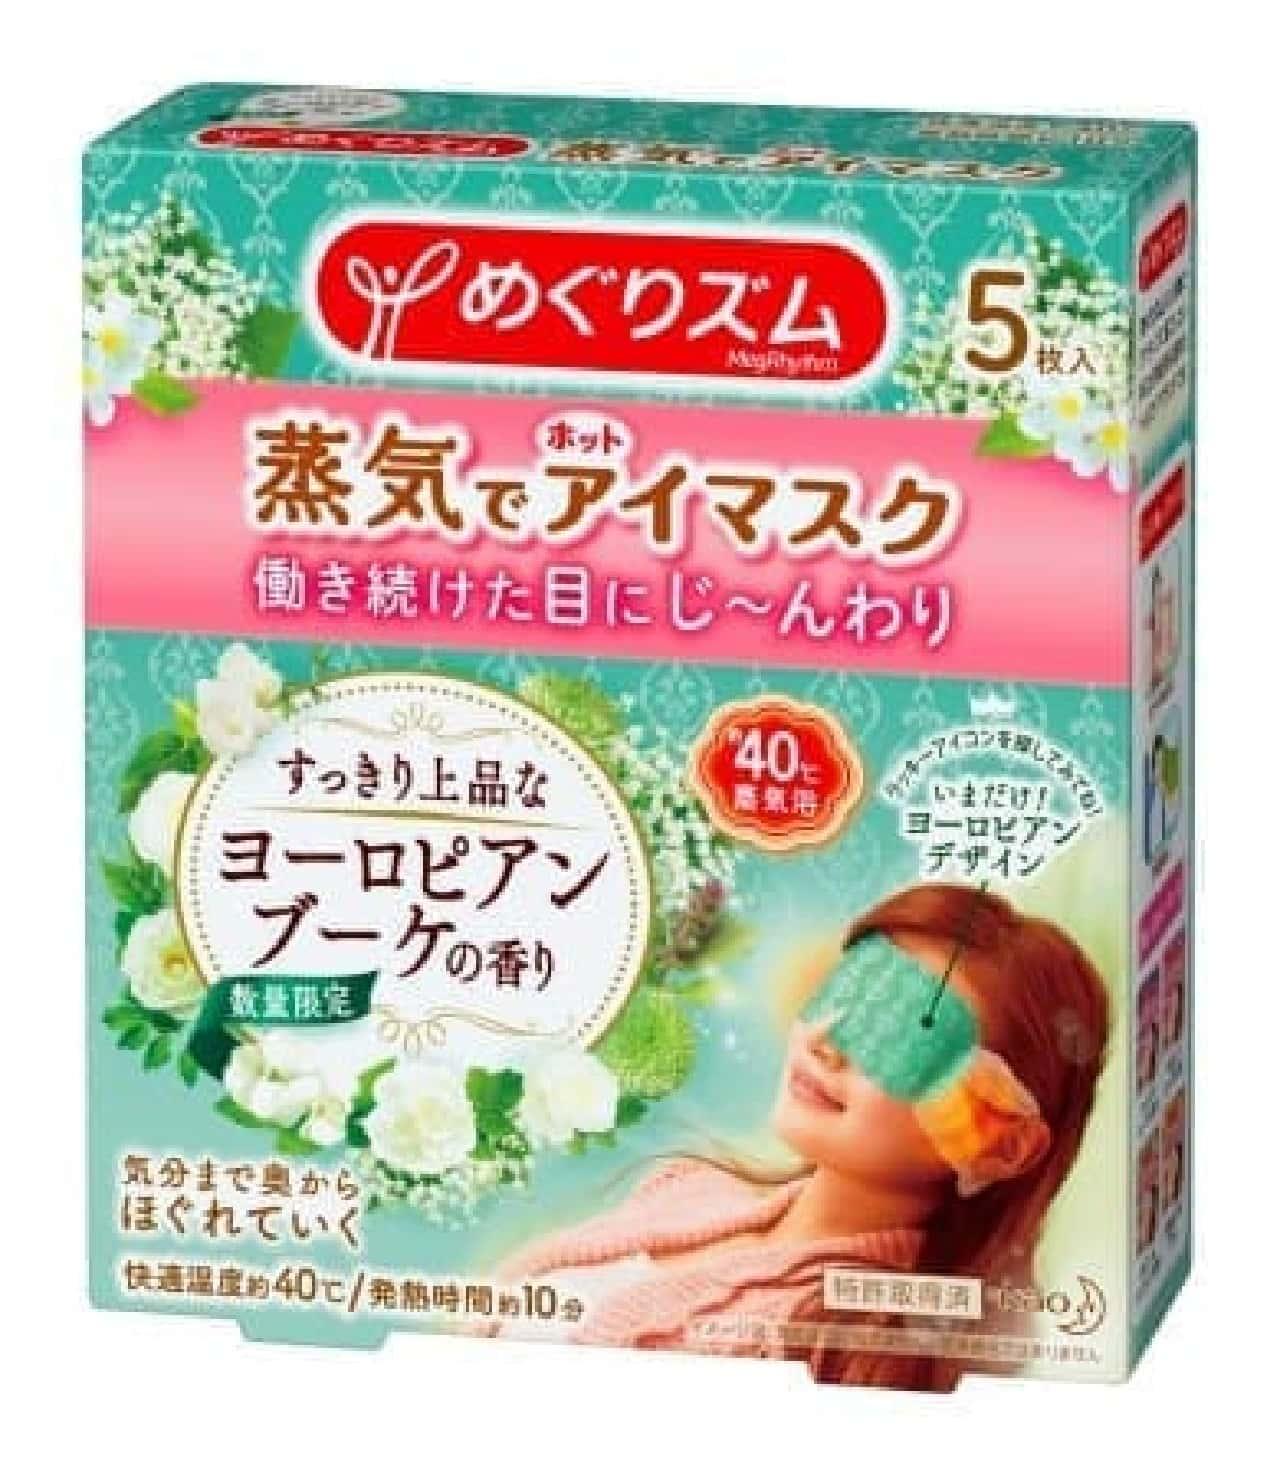 花王のめぐりズム 蒸気でホットアイマスクから限定商品「ヨーロピアンブーケの香り」